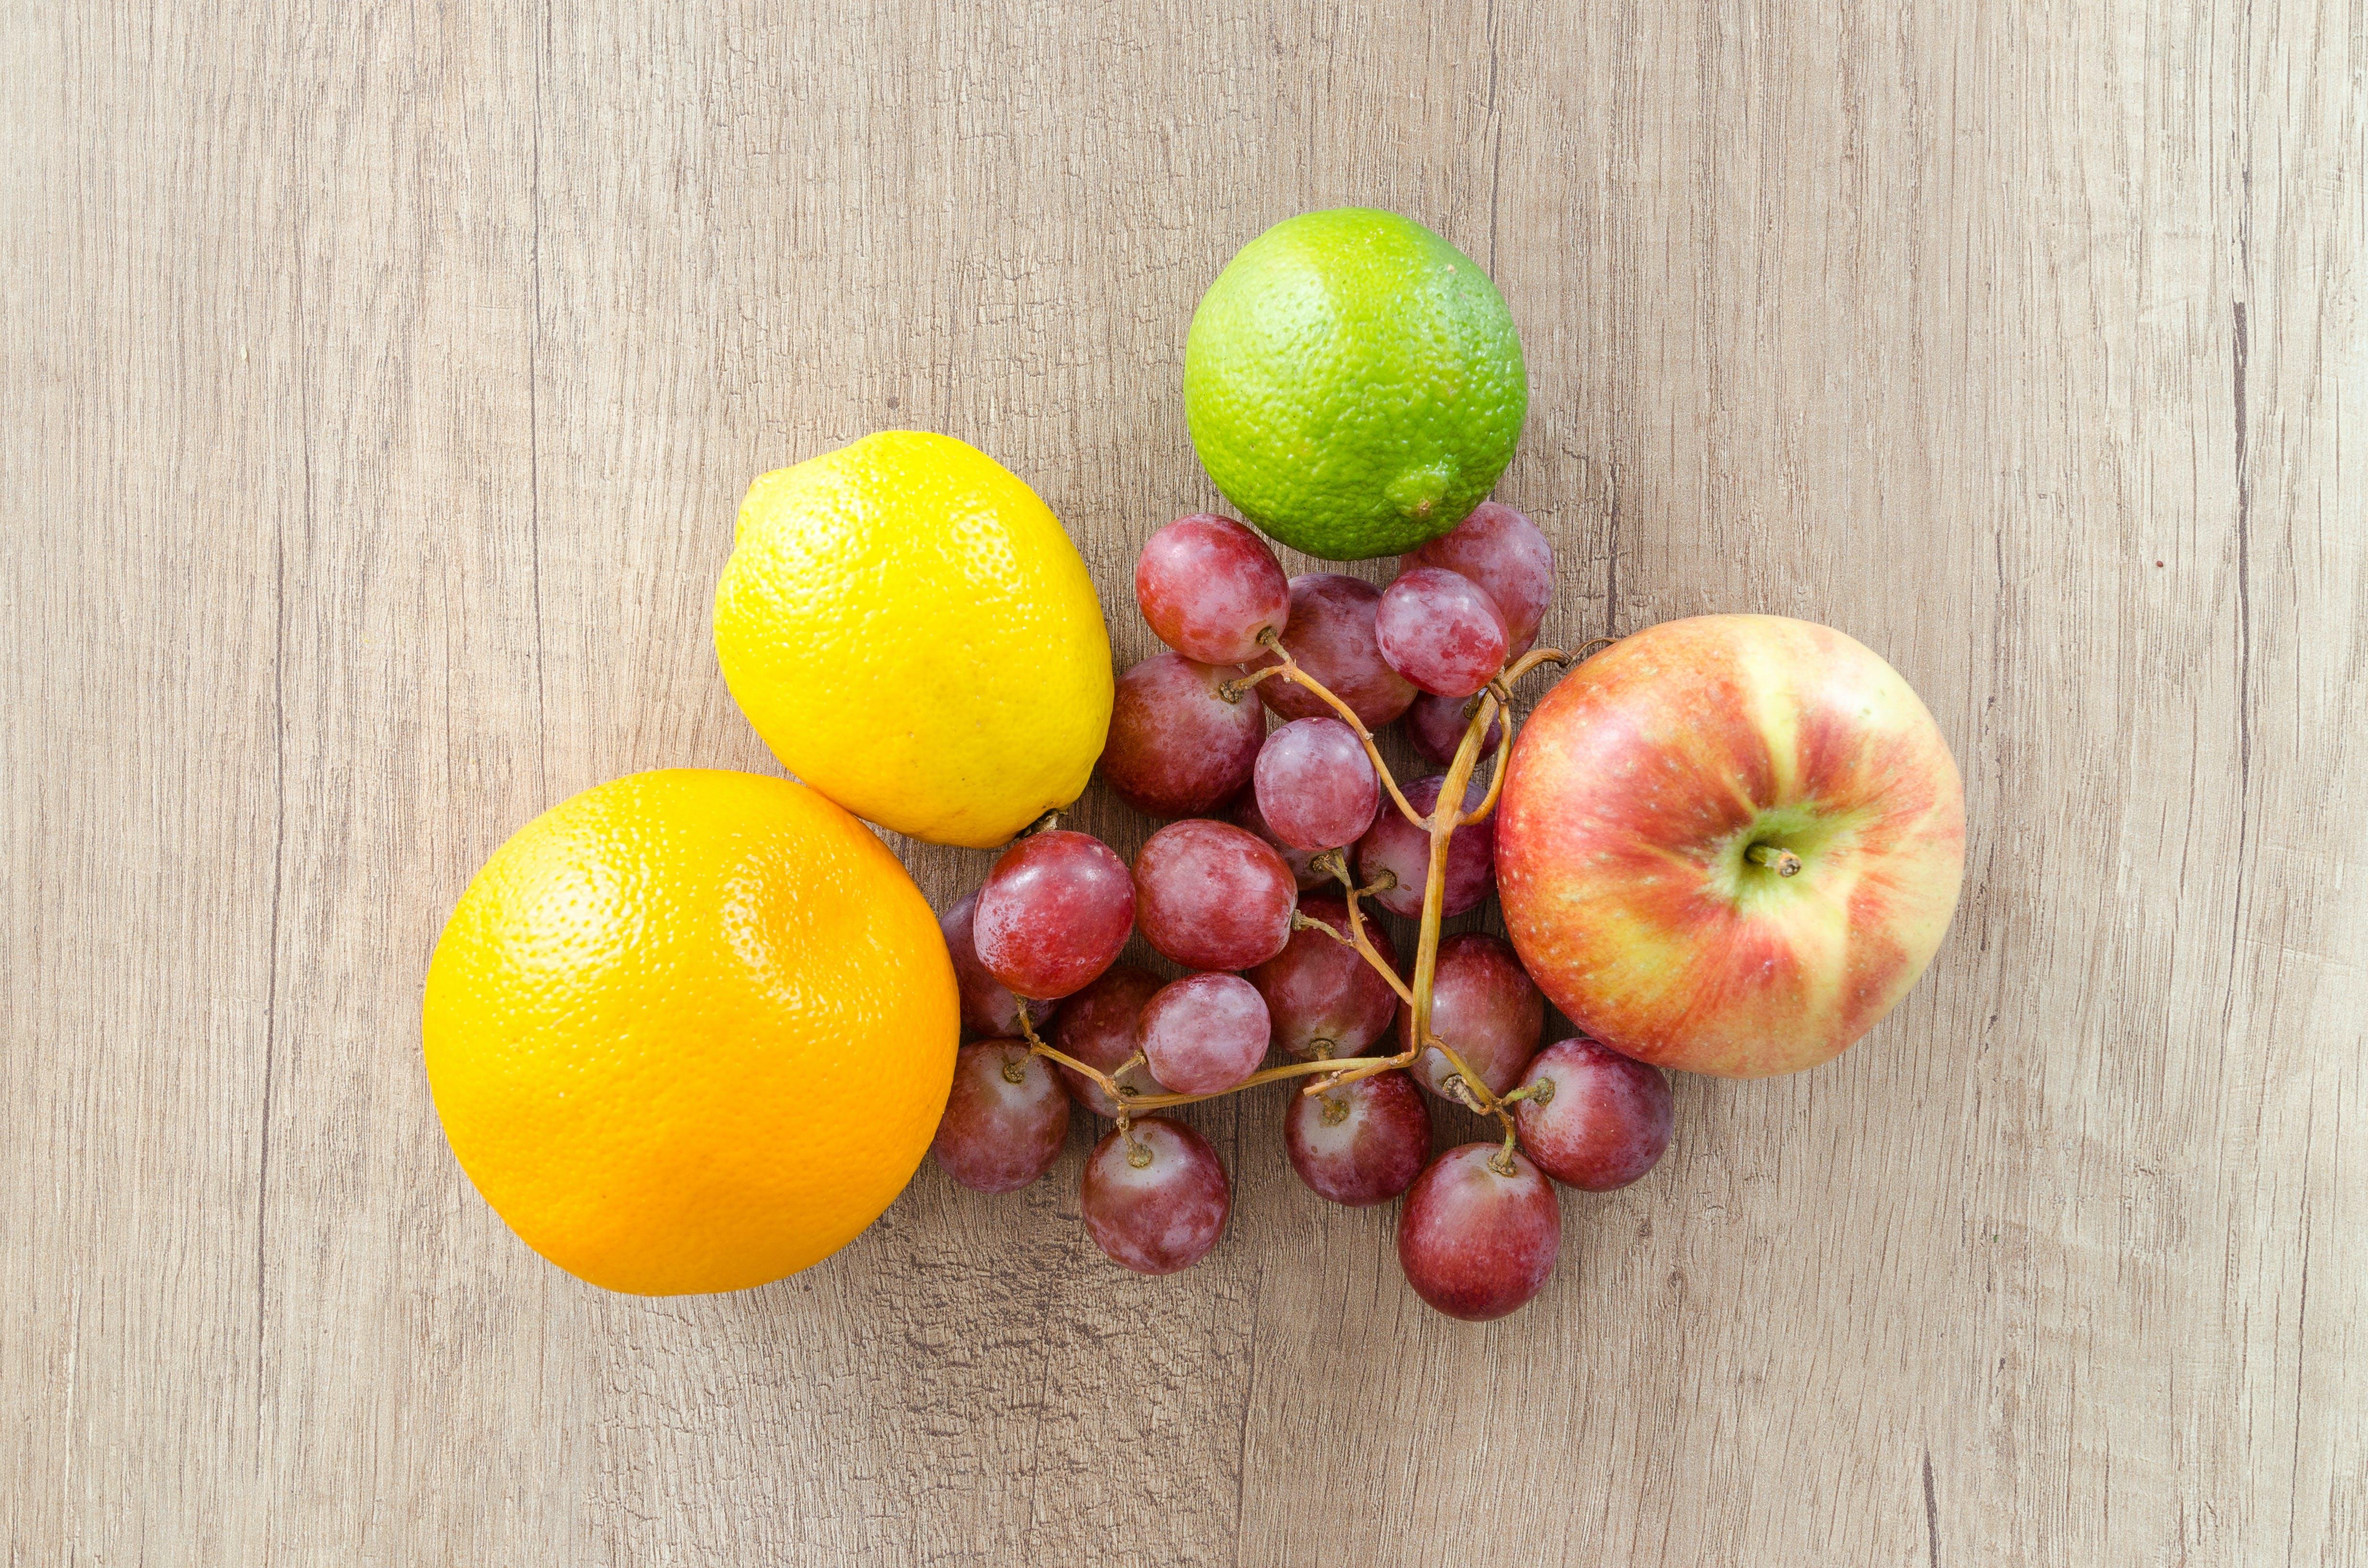 Gratis lagerfoto af appelsin, Apple, citron, Citrus